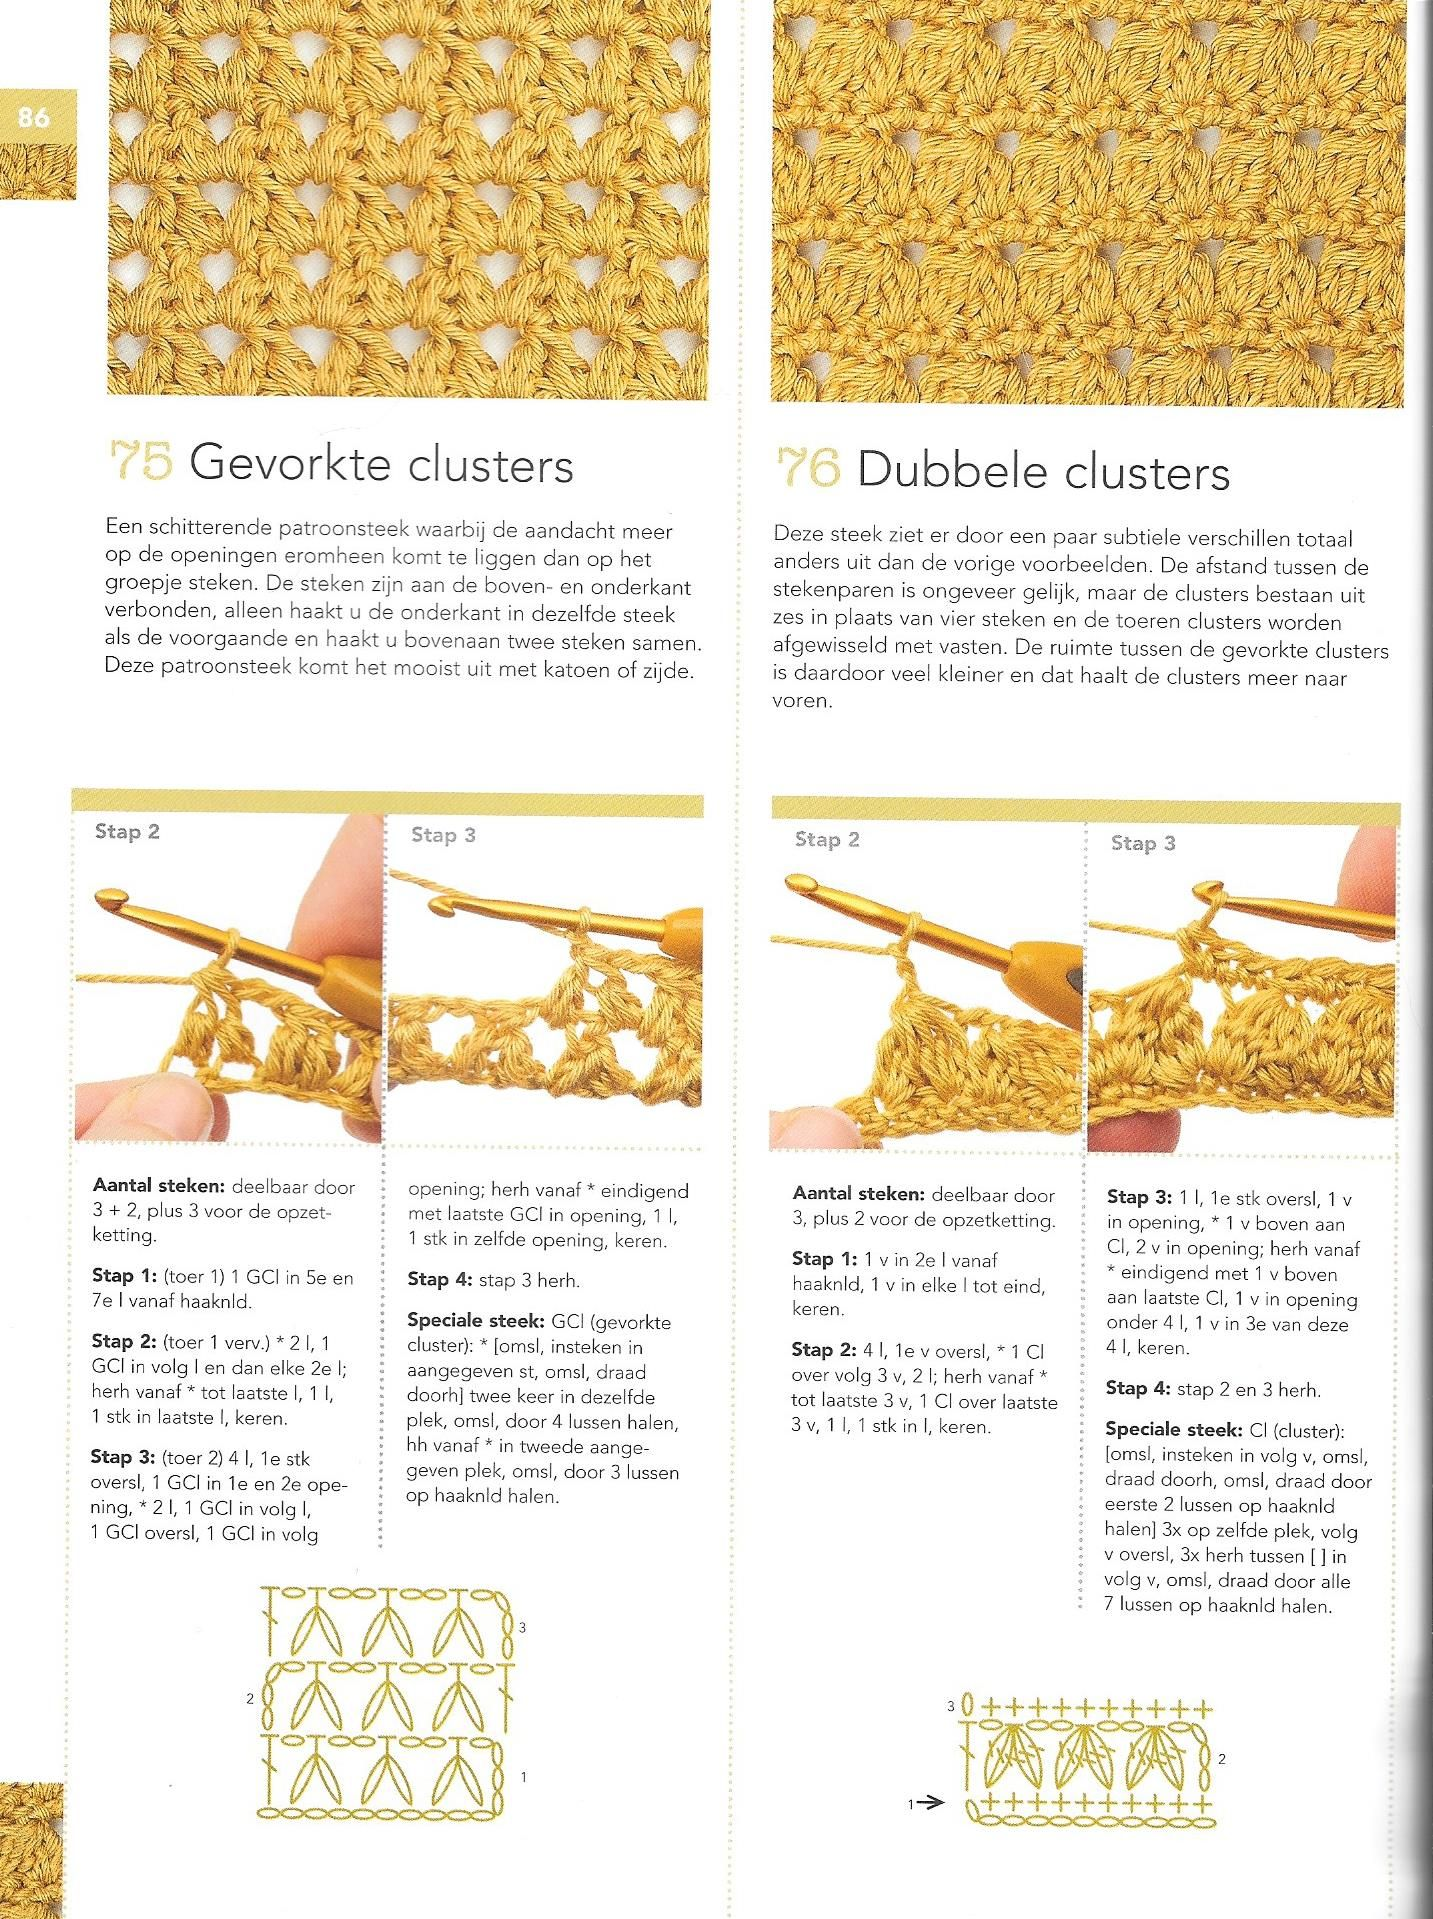 Gevorkte Clusters Dubbele Clusters Haaksteken Haakbijbel Haken